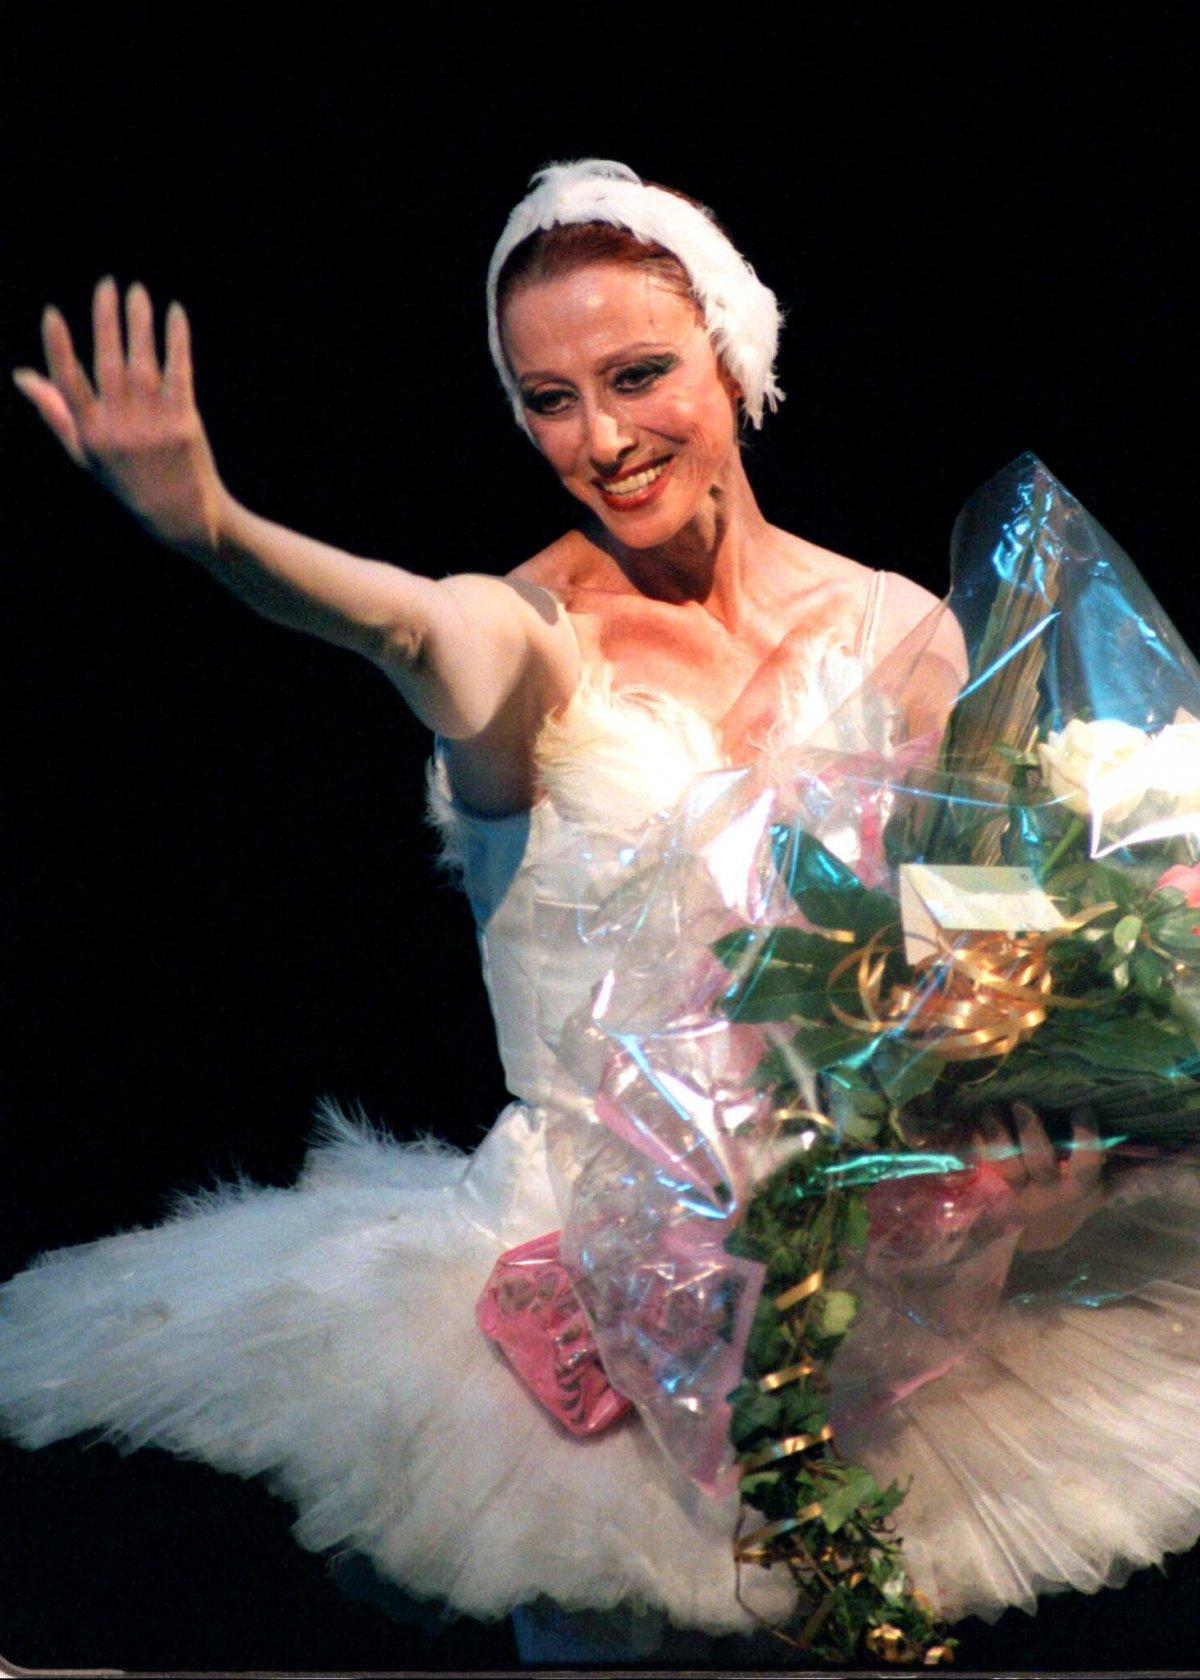 Reuters / La leggendaria ballerina Maya Plisetskaya sorride ai suoi ammiratori durante un concerto di gala al teatro Bolshoi, per festeggiare il suo 70esimo compleanno nel novembre 1995